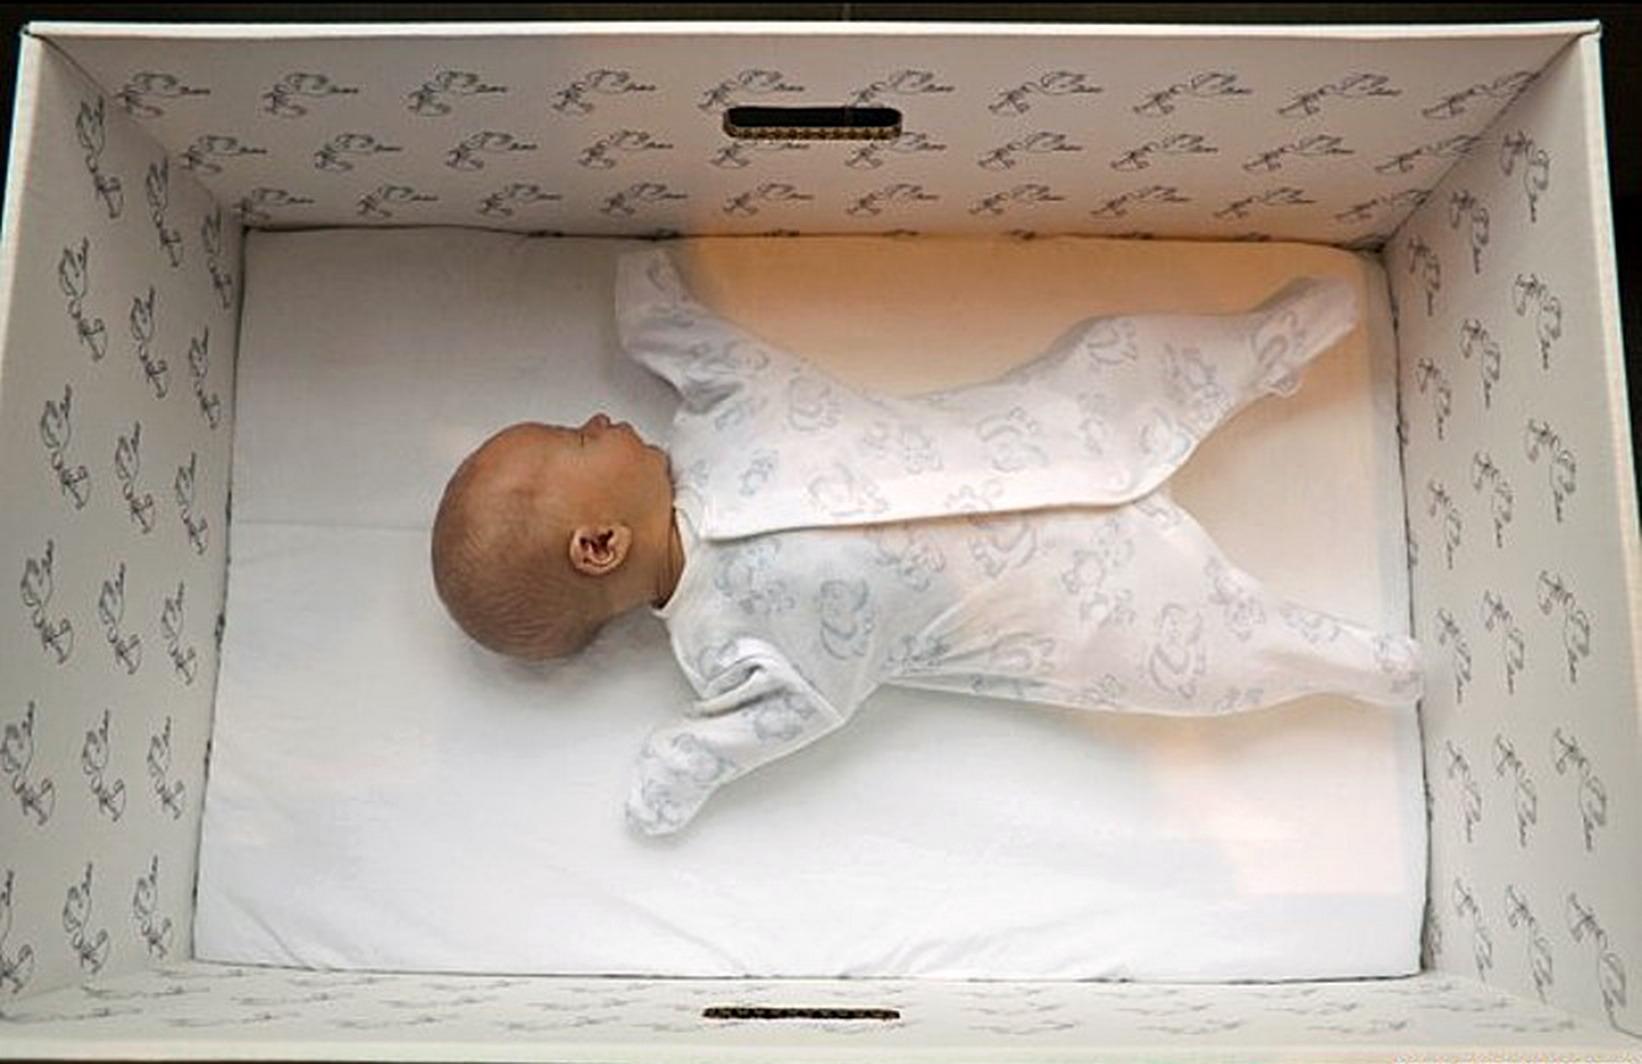 il mondo del bambino baby chair used banquet chairs for sale perché i bambini finlandesi dormono nelle scatole di